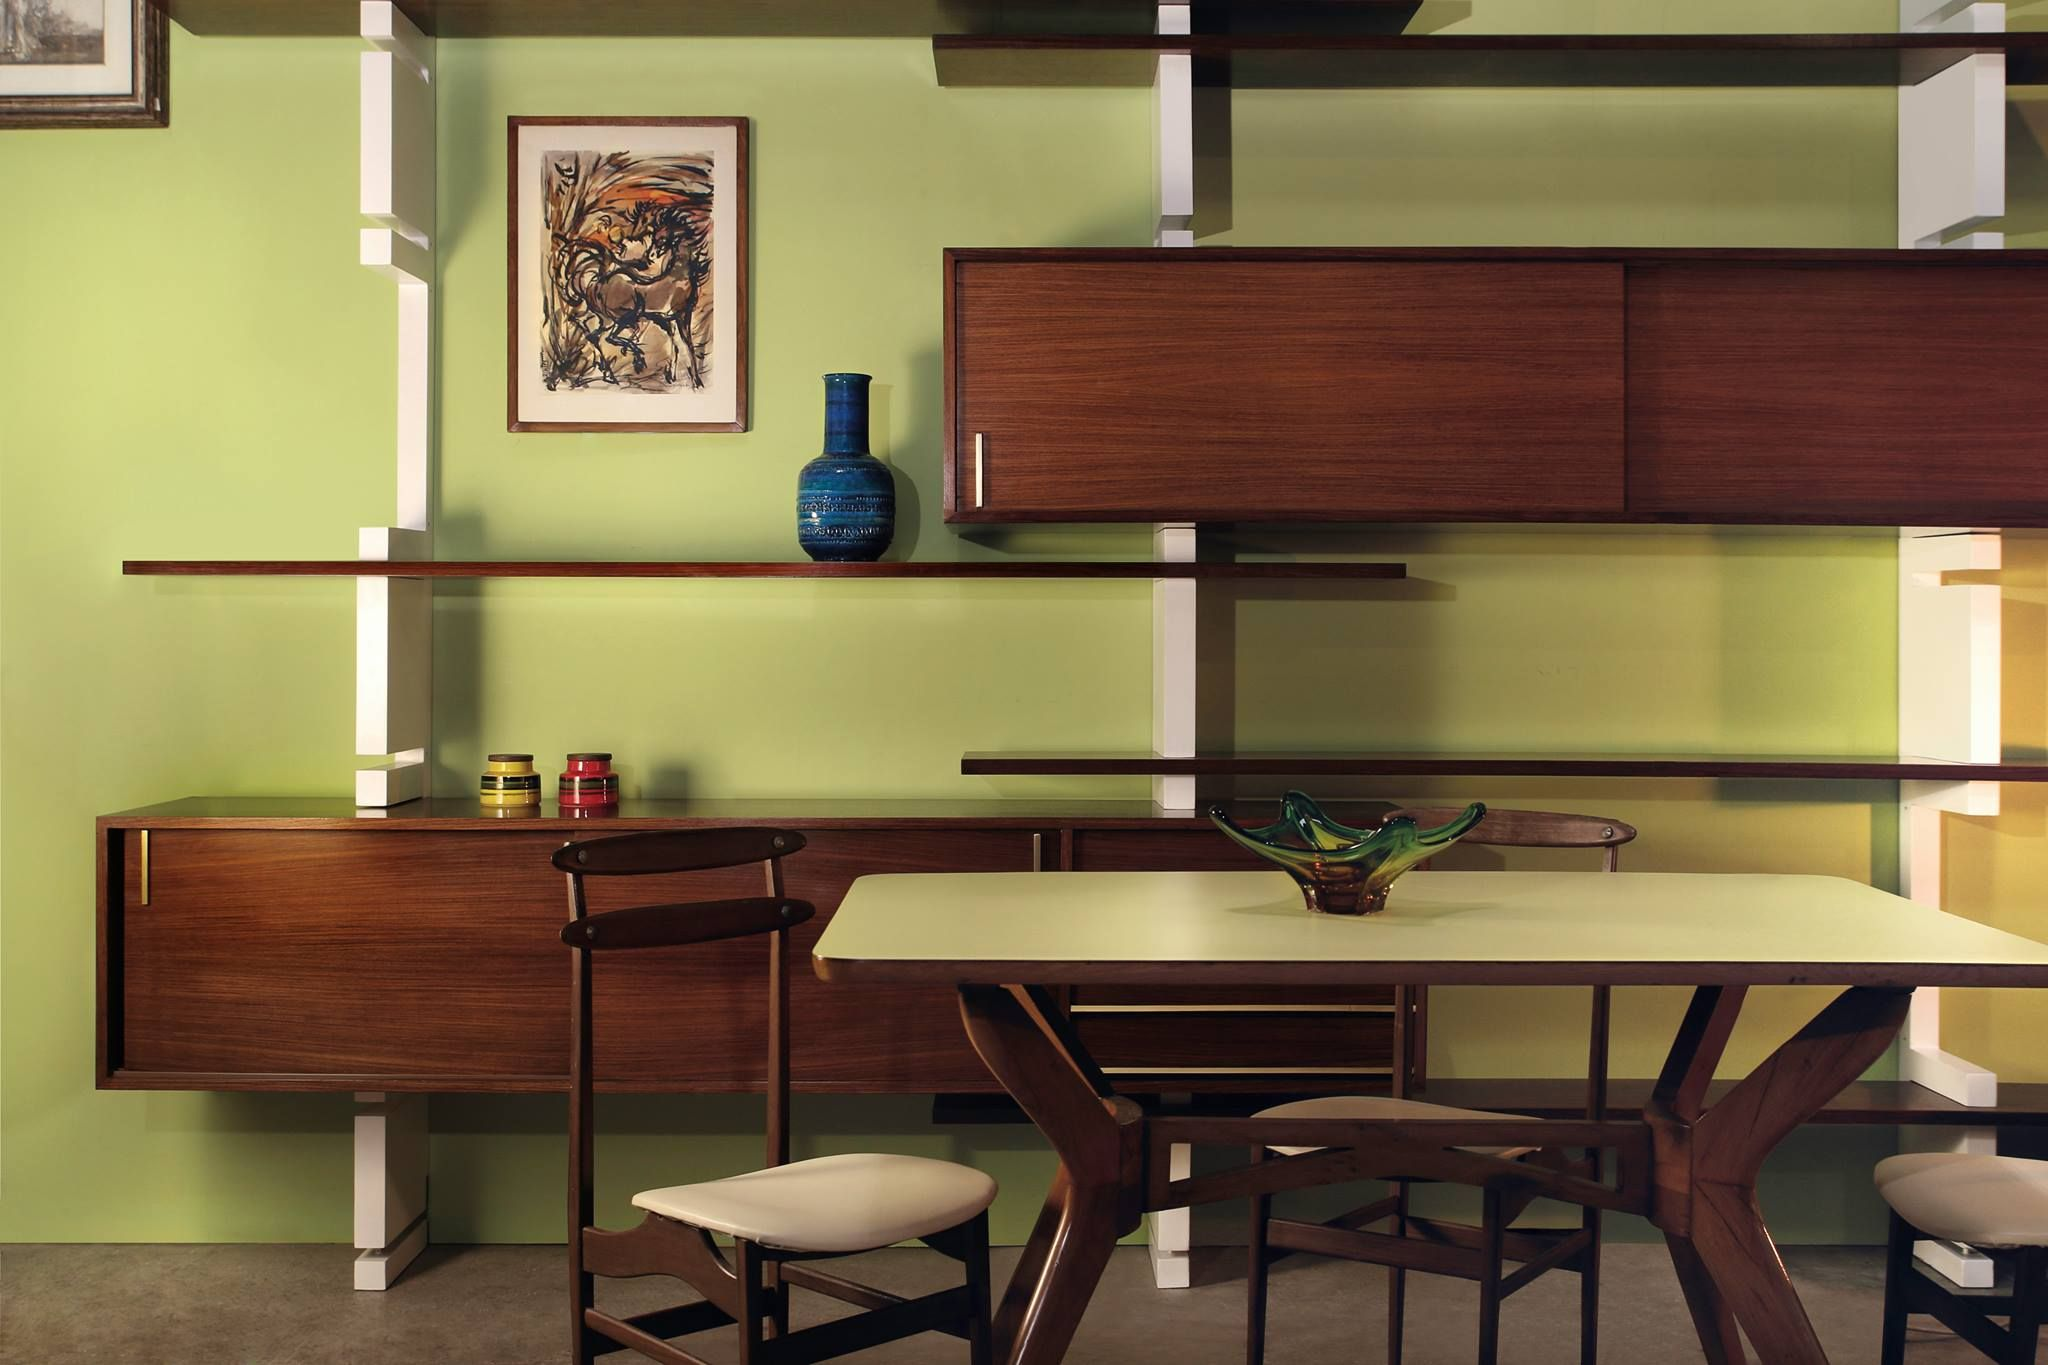 Home Decor Libreria Anni 50 60 Tavolo E Sedie Vintage Di Design Nel Nostro Negozio Di Milano Idee Per Decorare La Casa Idea Di Decorazione Arredamento